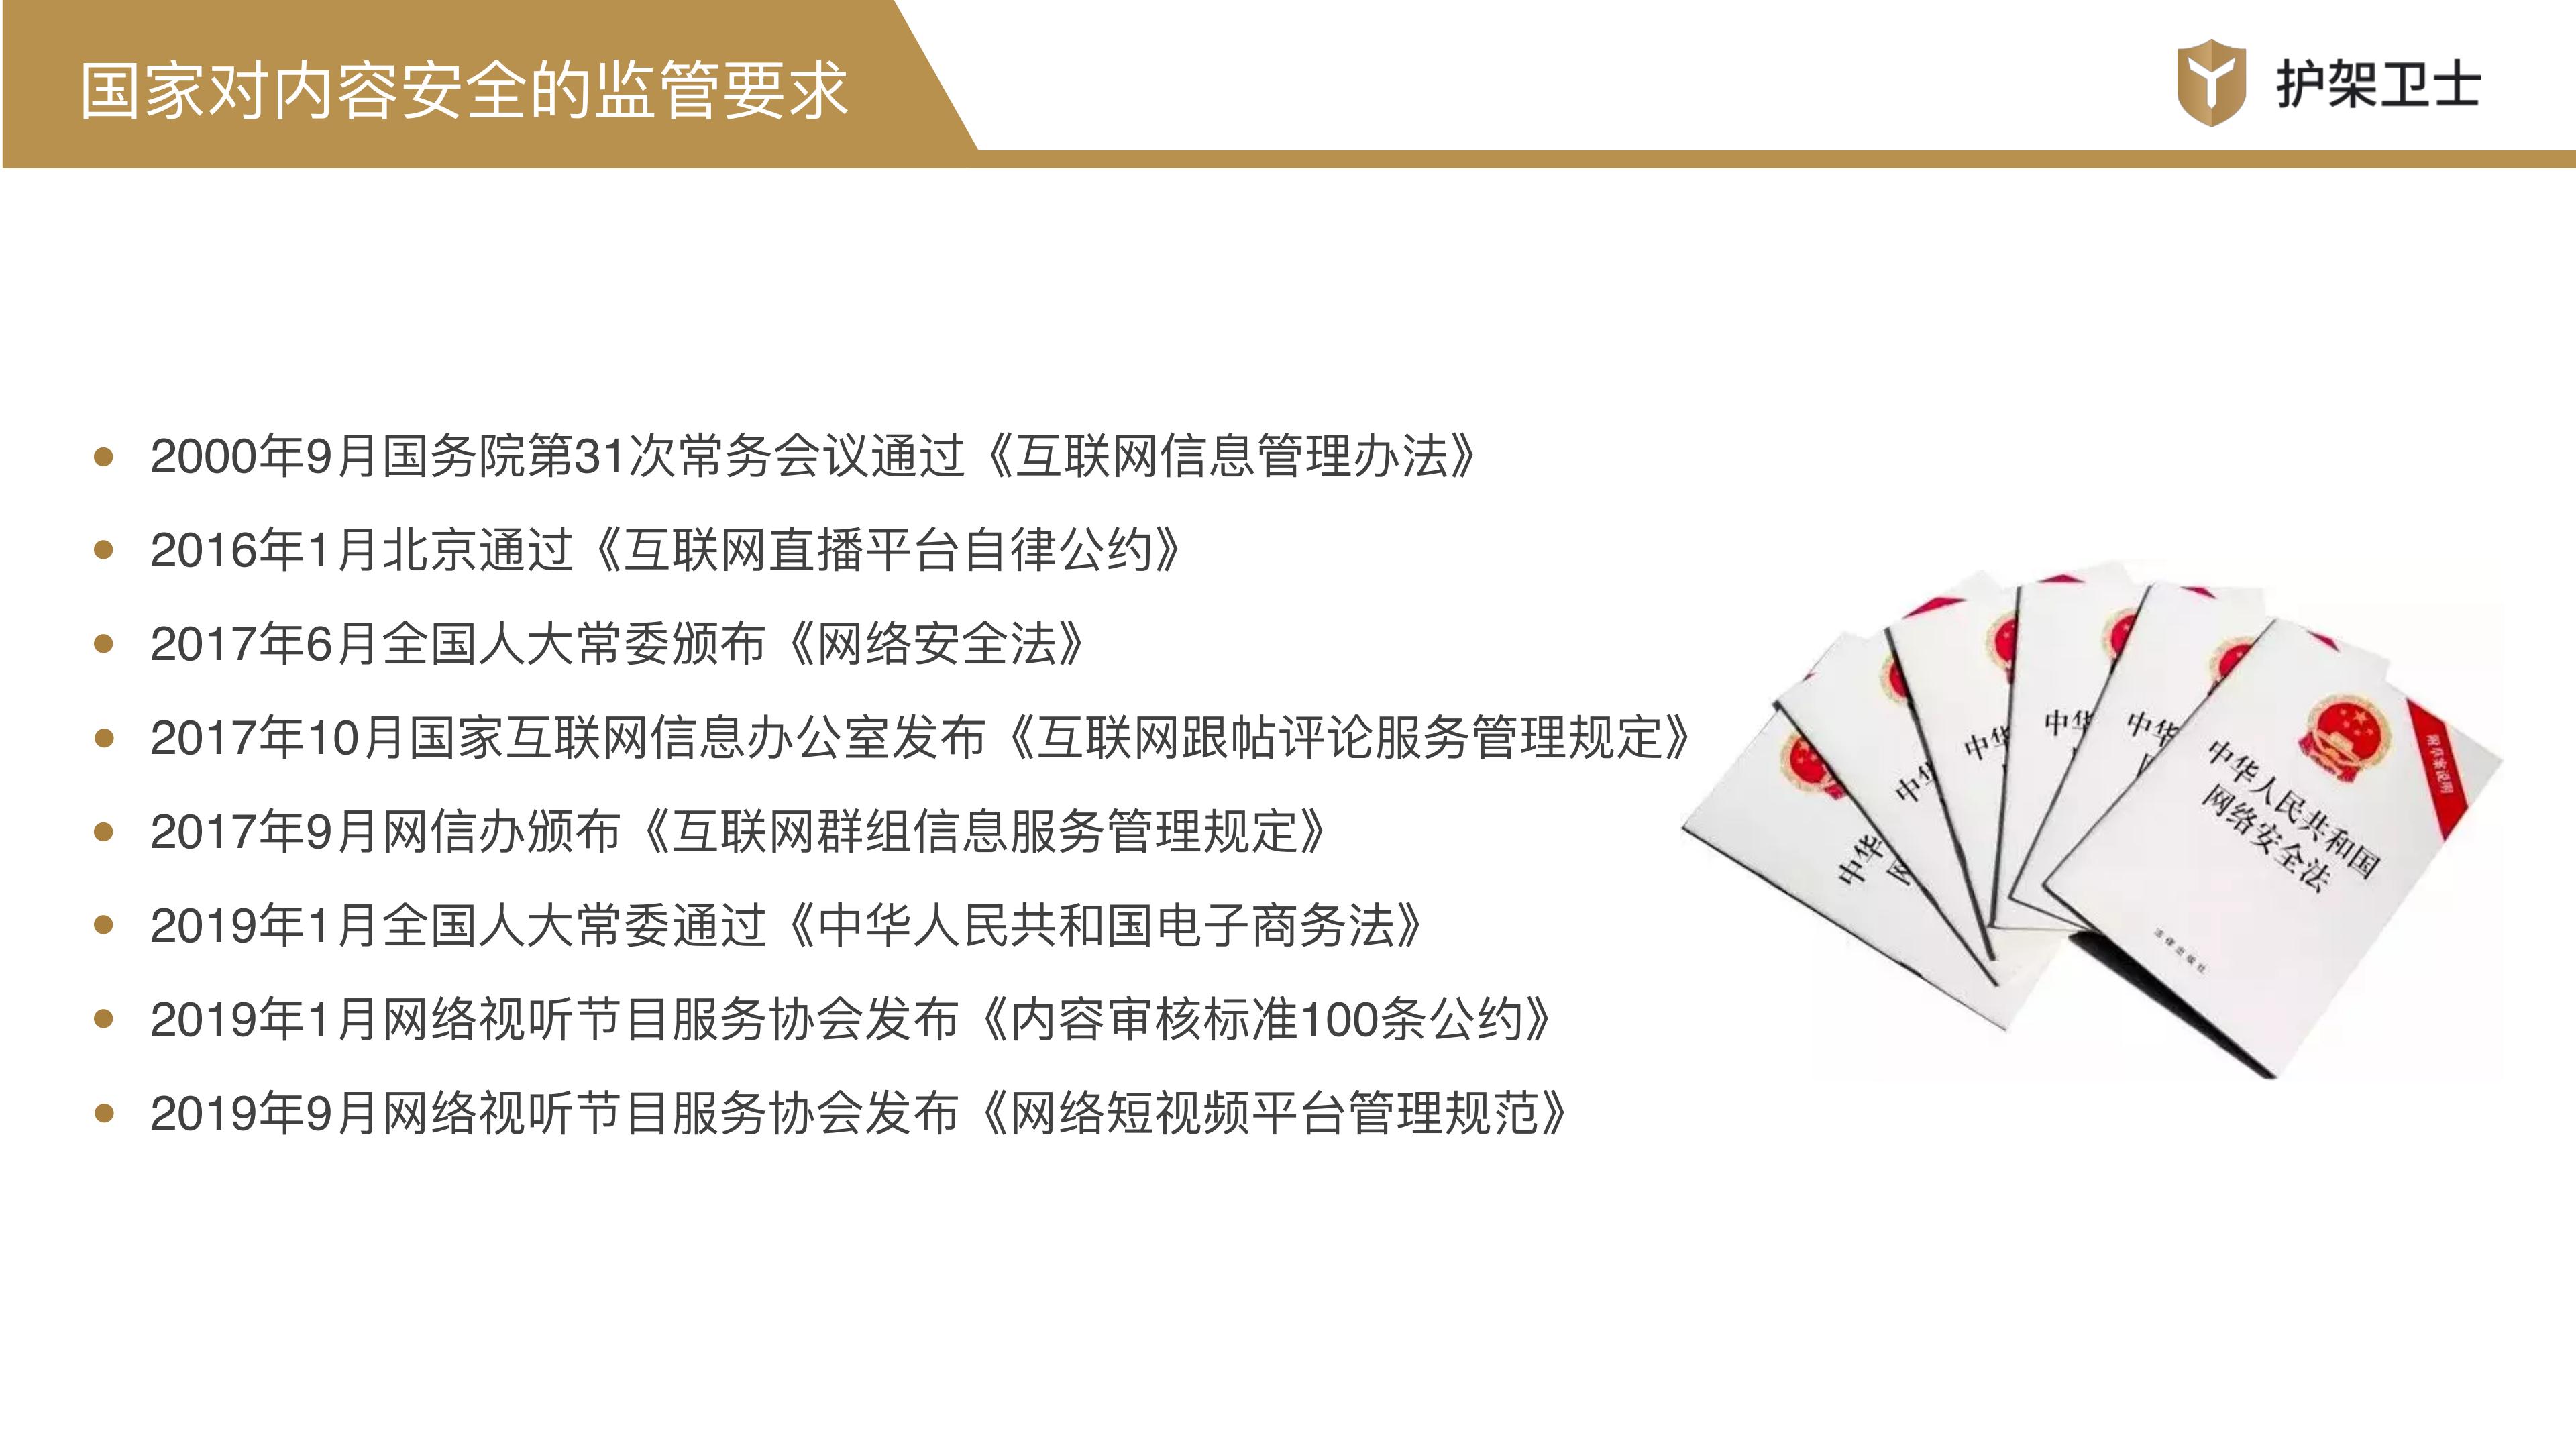 护架卫士产品介绍1.2_01.png